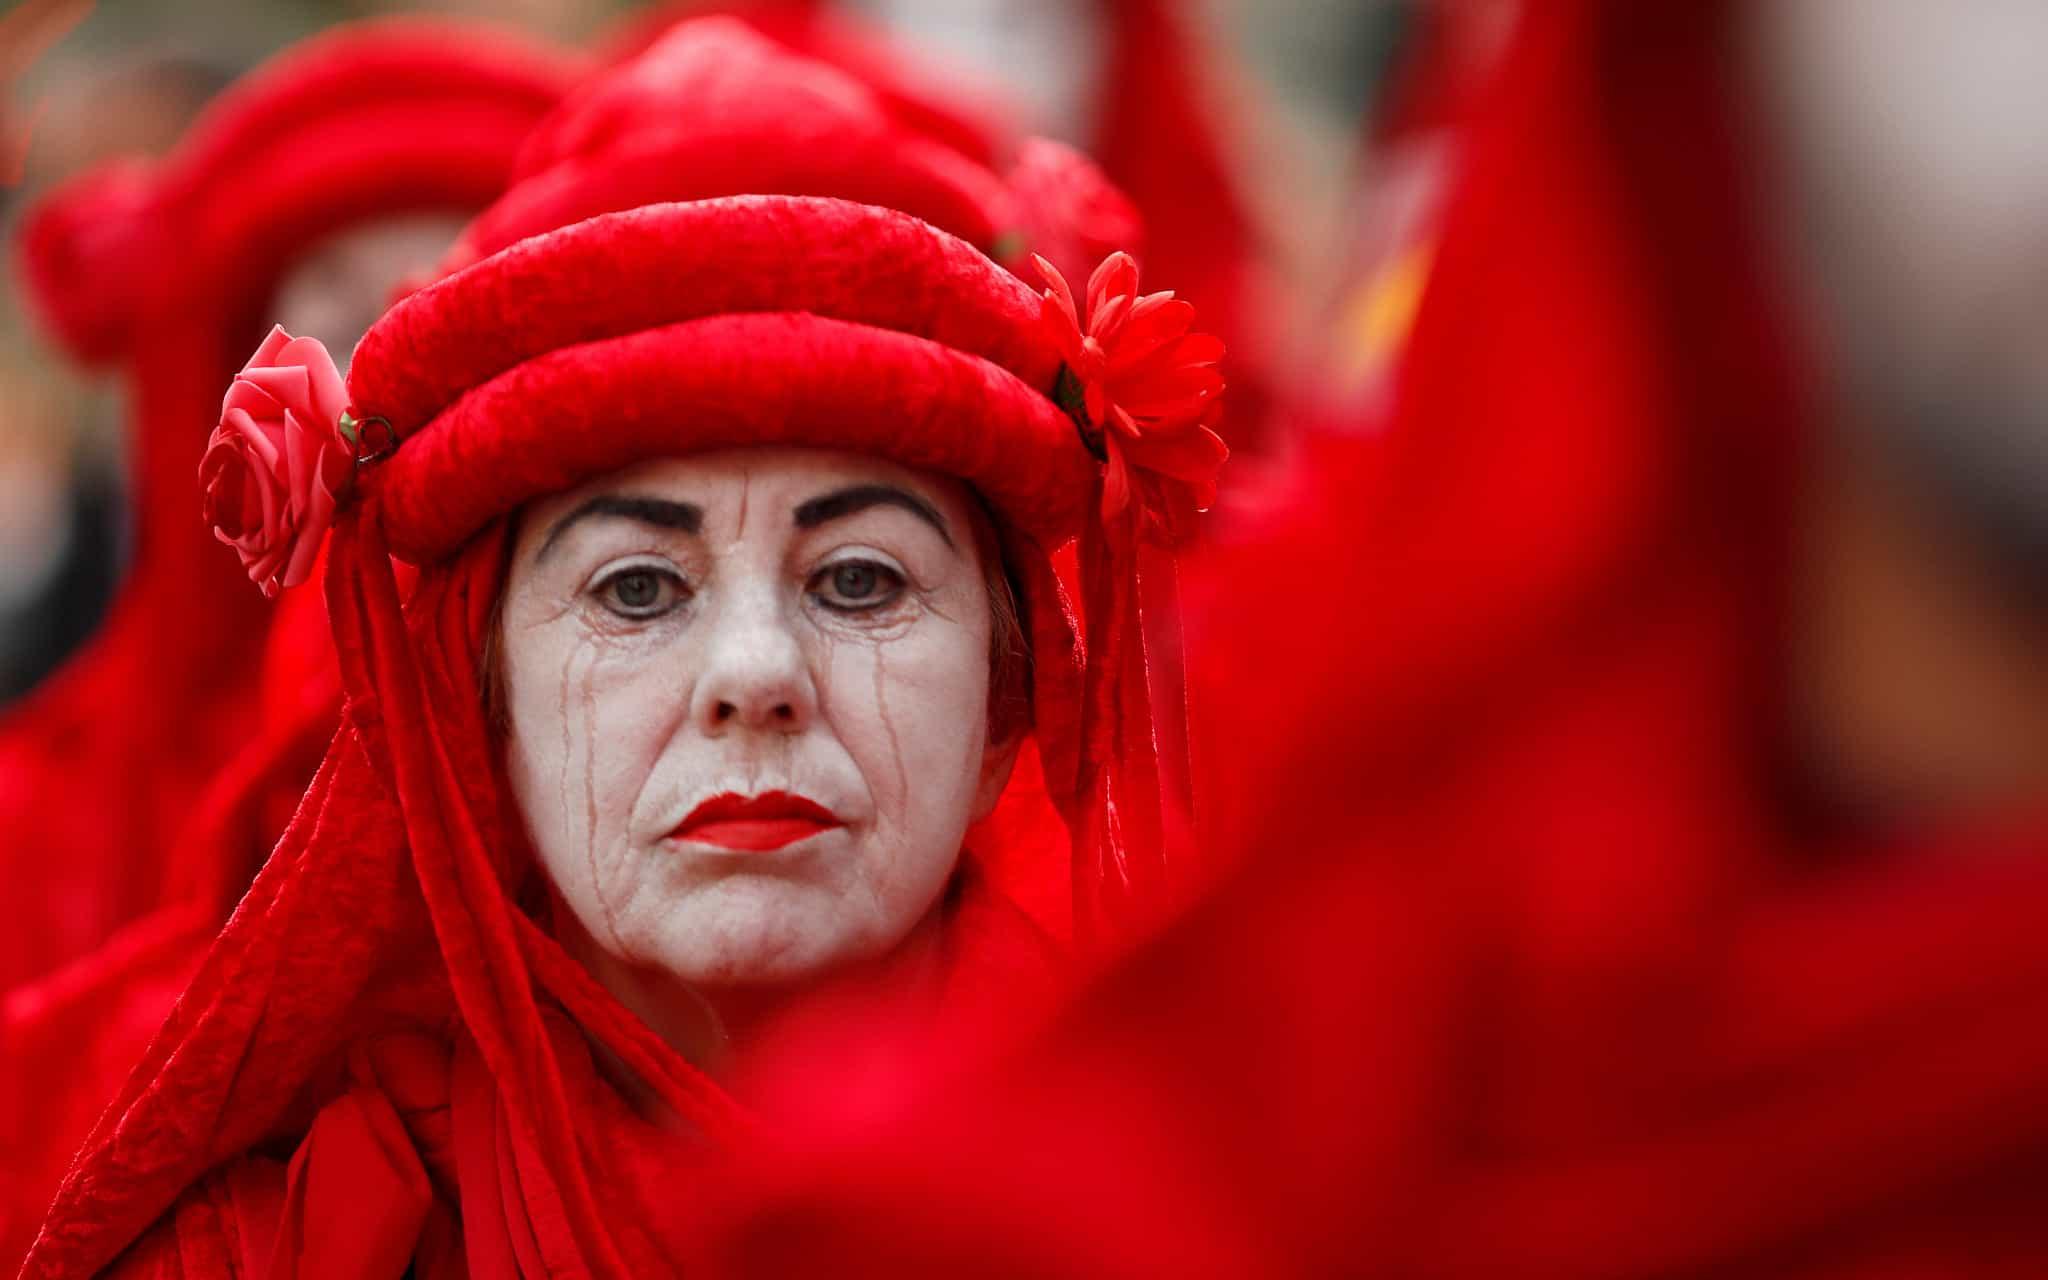 הפגנה של XR בלונדון, ב-9 באוקטובר 2019 (צילום: AP Photo/Frank Augstein)